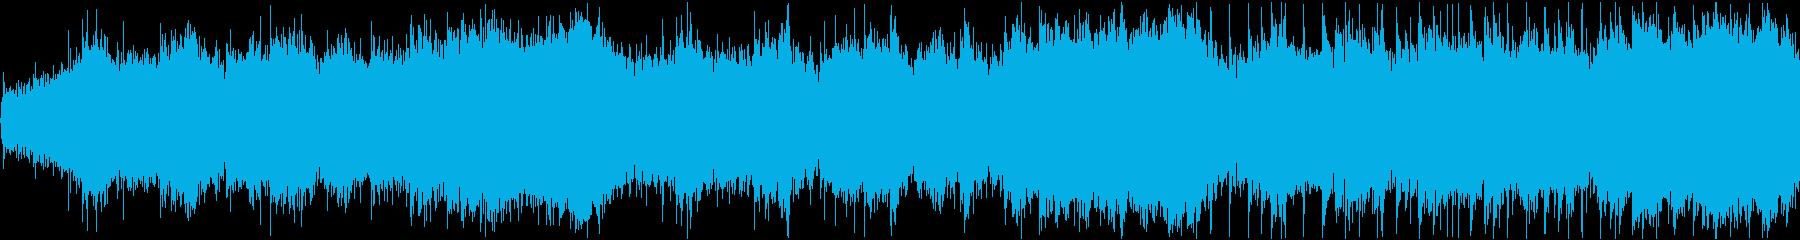 不気味な雰囲気を演出する効果音の再生済みの波形